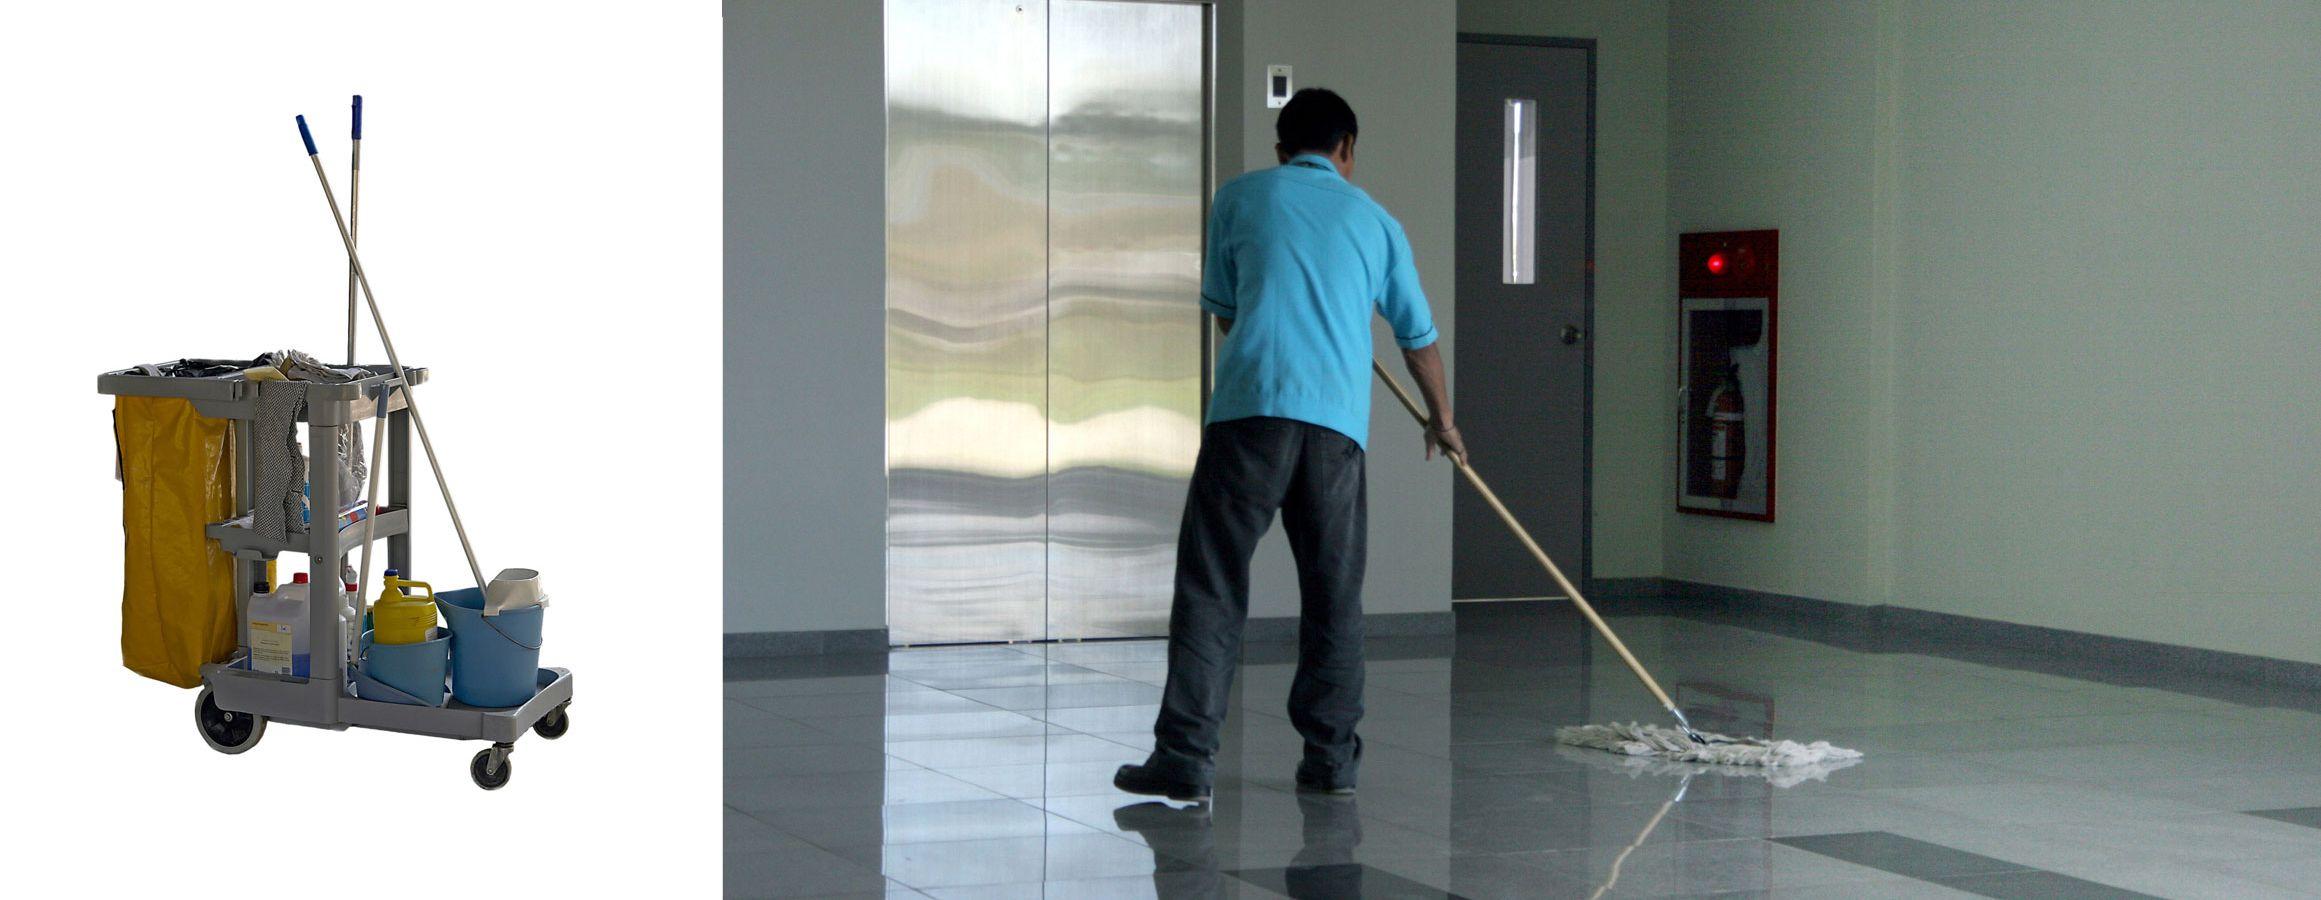 Limpieza y mantenimiento de comunidades en Madrid